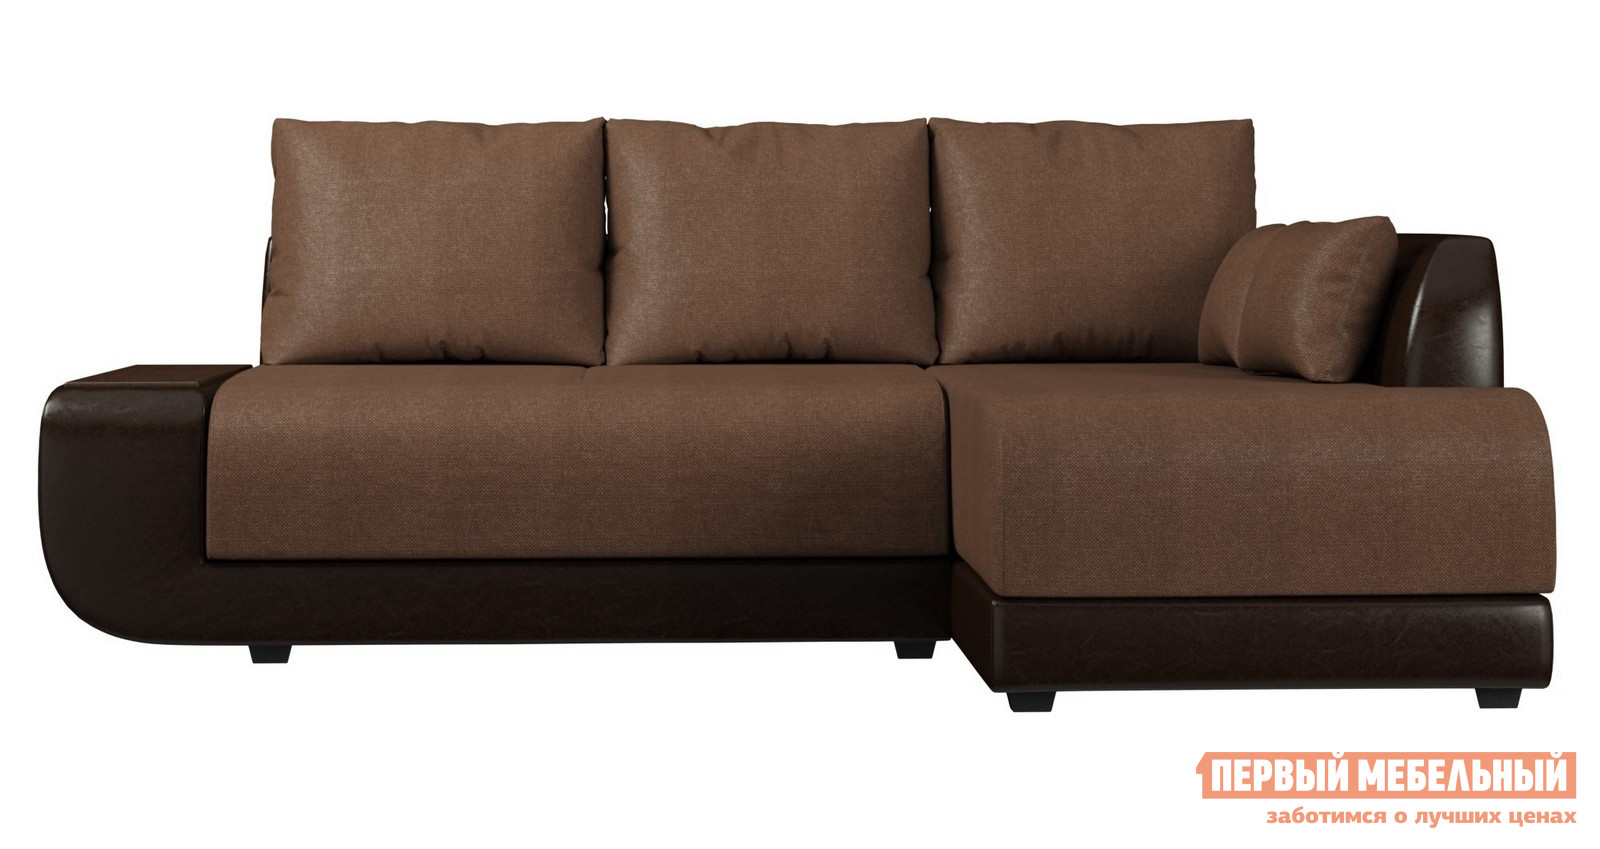 Диван Вудэкспорт Нью-йорк Коричневая рогожка / Темно-коричневый кожзам, Левый Вудэкспорт Габаритные размеры ВхШхГ 920x2470x1630 мм. Стильный угловой диван — прекрасный вариант для гостиной.  При необходимости модель легко трансформируется в двуспальную кровать.  Мягкие обивки в ассортименте помогут выбрать вариант по вкусу и украсить интерьер.  Модель имеет подлокотник в виде полочки, на которую можно ставить напитки или декоративные предметы. <br><br>Механизм трансформации: пума;<br>Спальное место: 2000 х 1450 мм;<br>Наполнение: высокоэластичный ППУ;<br>Бельевой ящик. <br><br>Пума — отличный современный механизм, очень надежный и простой в использовании.  Для раскладывания нужно потянуть сиденье вверх и вперед, оно поднимется и как бы шагнет вперед, мягко опустившись на нужное место.  Вторая часть спального места при этом сама поднимется из-под первой.  Этот механизм обеспечивает минимальные усилия при раскладывании дивана. <br> Обратите внимание! Диван может иметь правое или левое исполнение, определяется по расположению угловой секции.  Внимательно выбирайте при заказе необходимую вам комплектацию. <br>